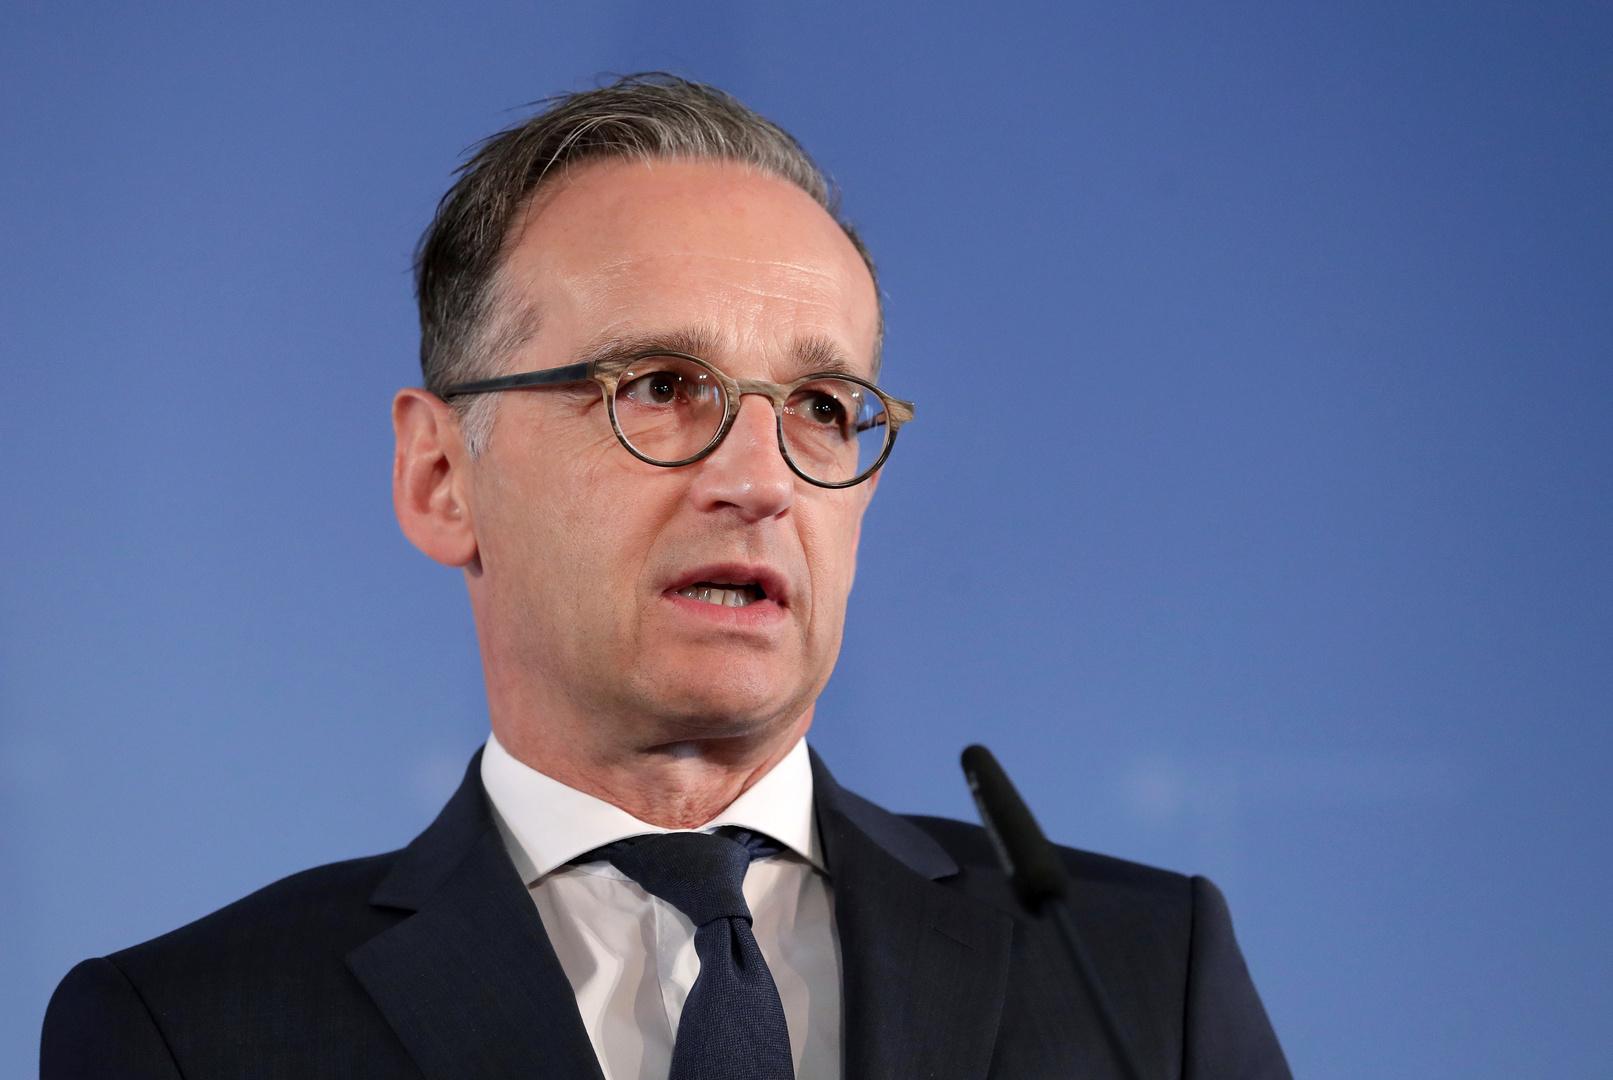 ألمانيا تطالب تركيا بالتوقف عن عملياتها الاستفزازية في شرق المتوسط